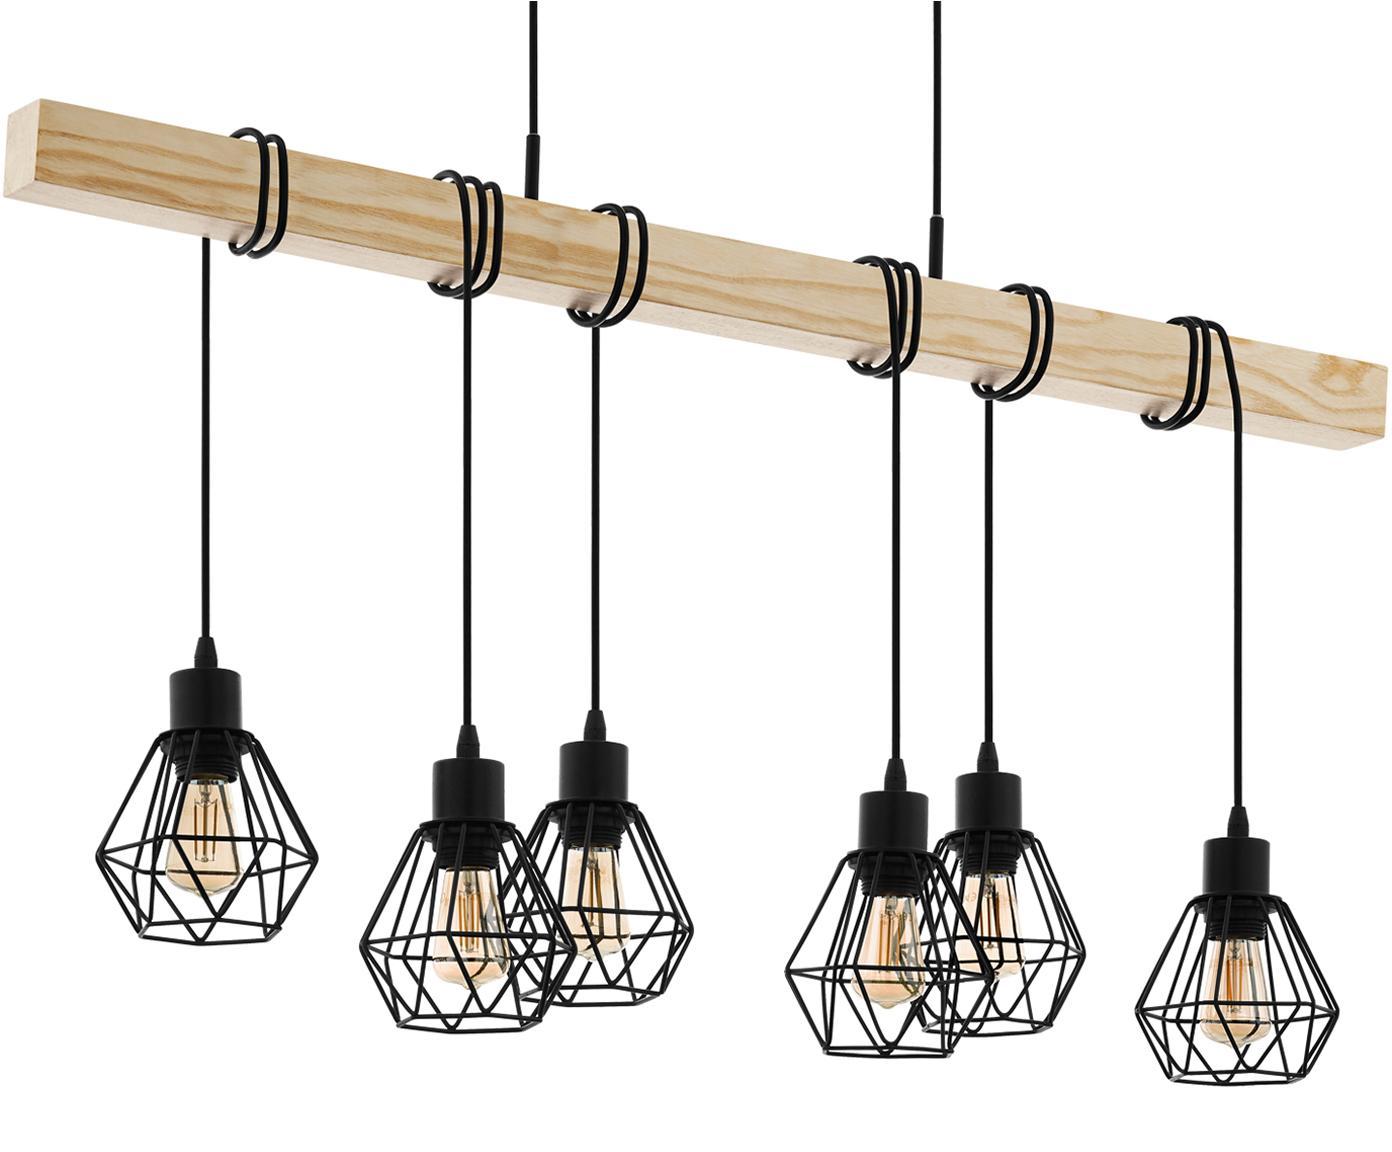 Lampada a sospensione Townshend, Acciaio rivestito, legno, Nero, legno, Larg. 100 x Alt. 110 cm